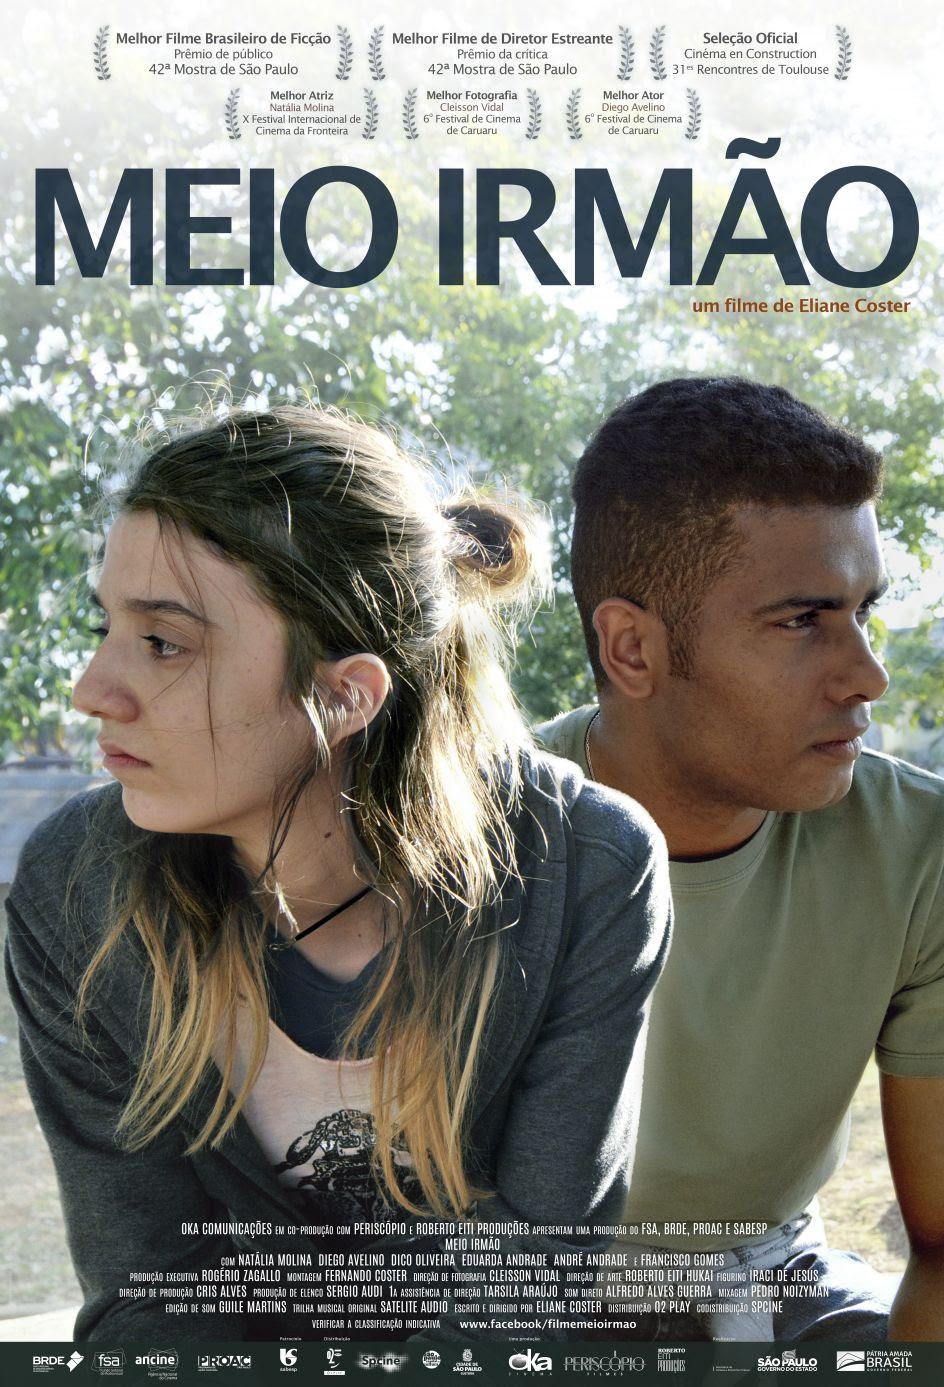 """""""Meio Irmão"""", drama premiado em festivais, estreia semana que vem"""